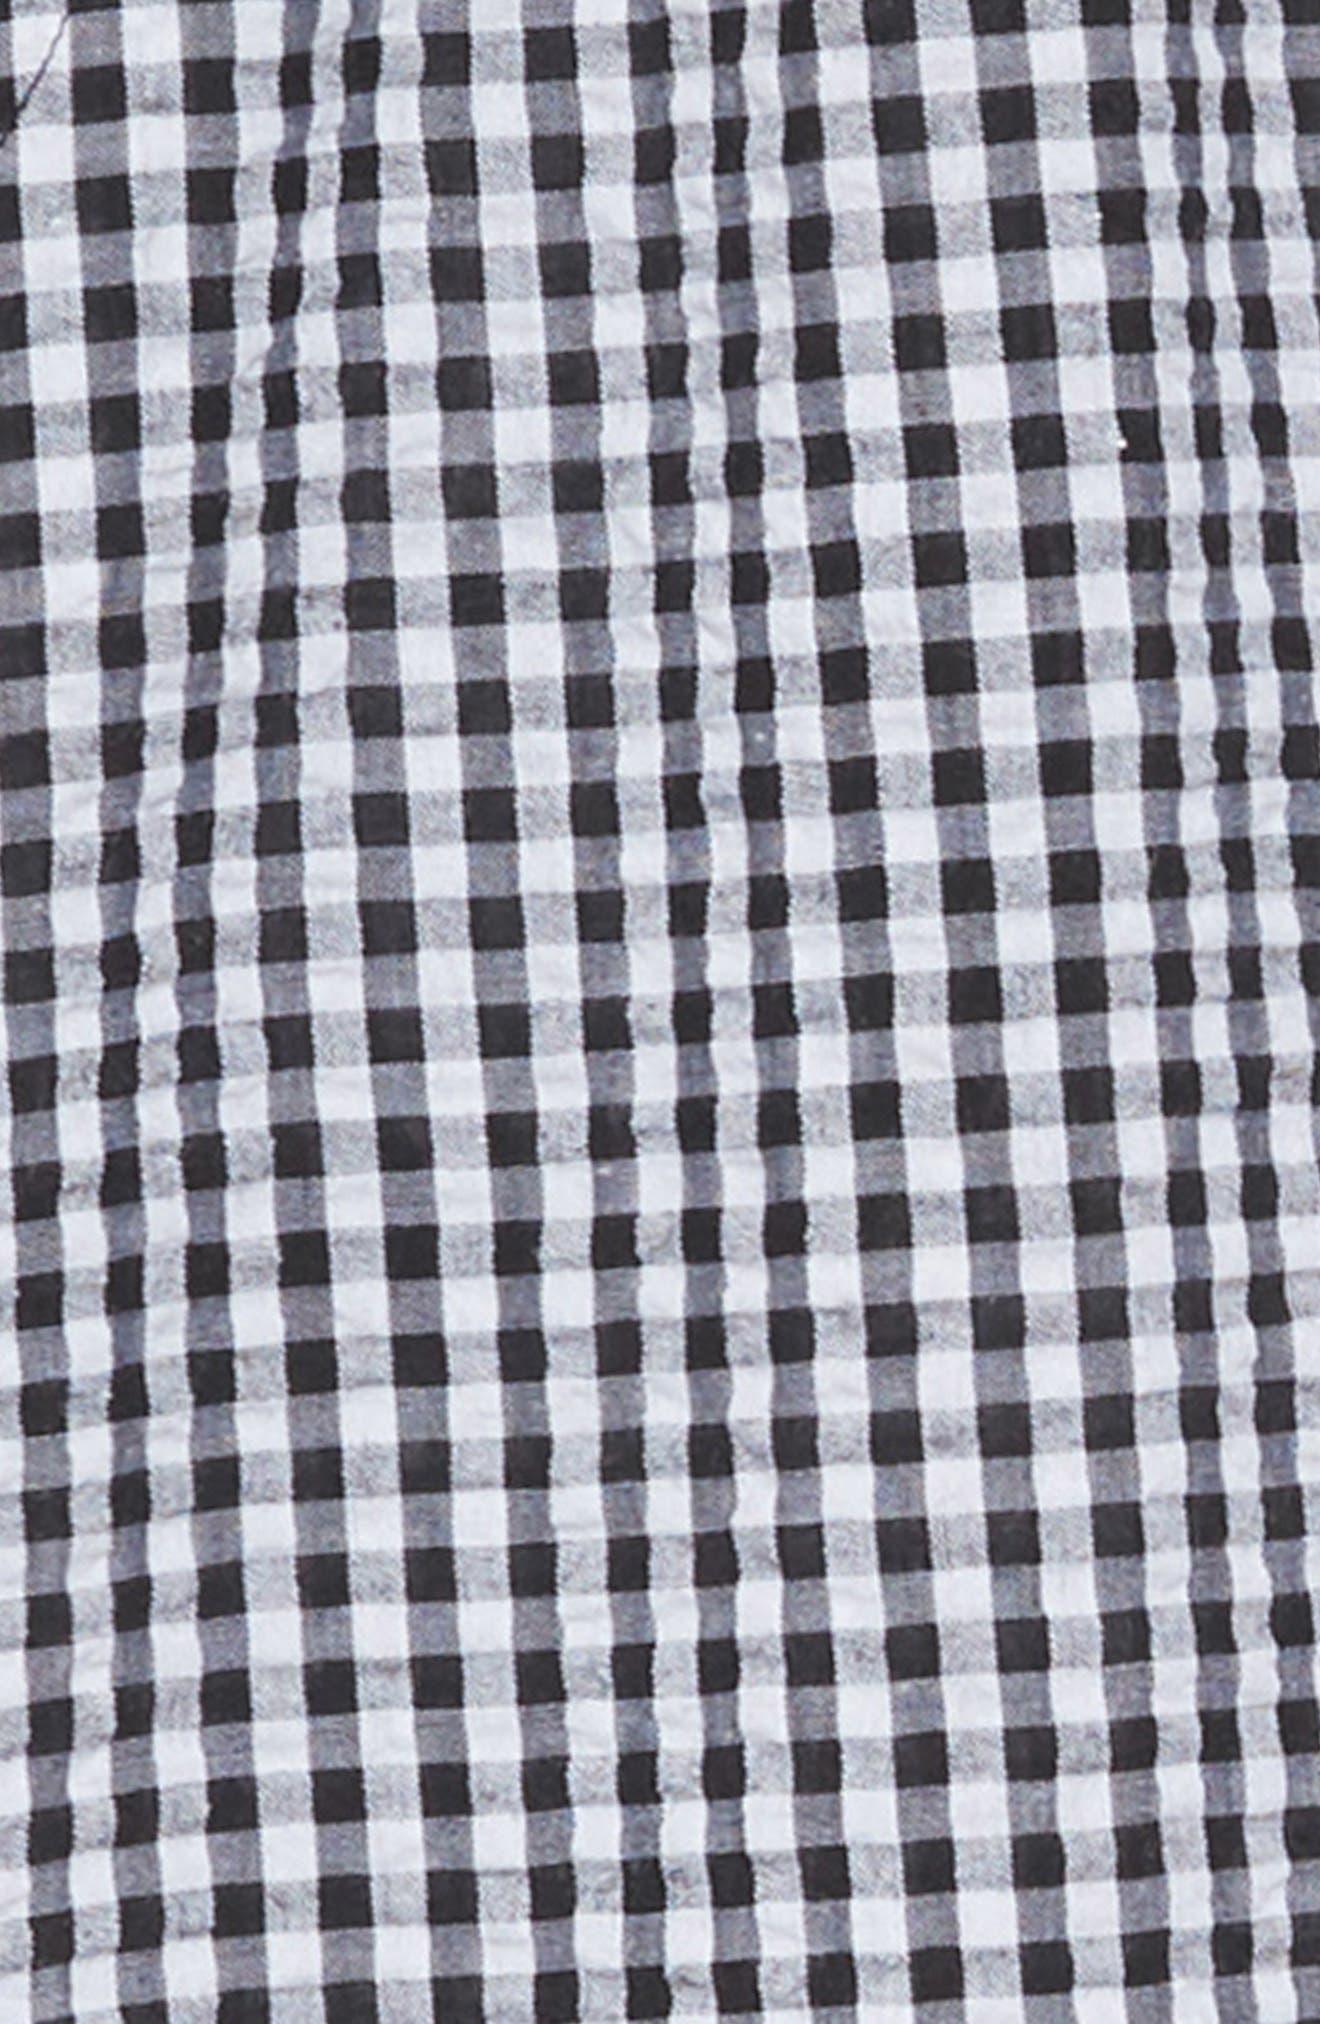 TUCKER + TATE, Boardwalk Smocked Gingham Jumpsuit, Alternate thumbnail 2, color, BLACK- WHITE GINGHAM